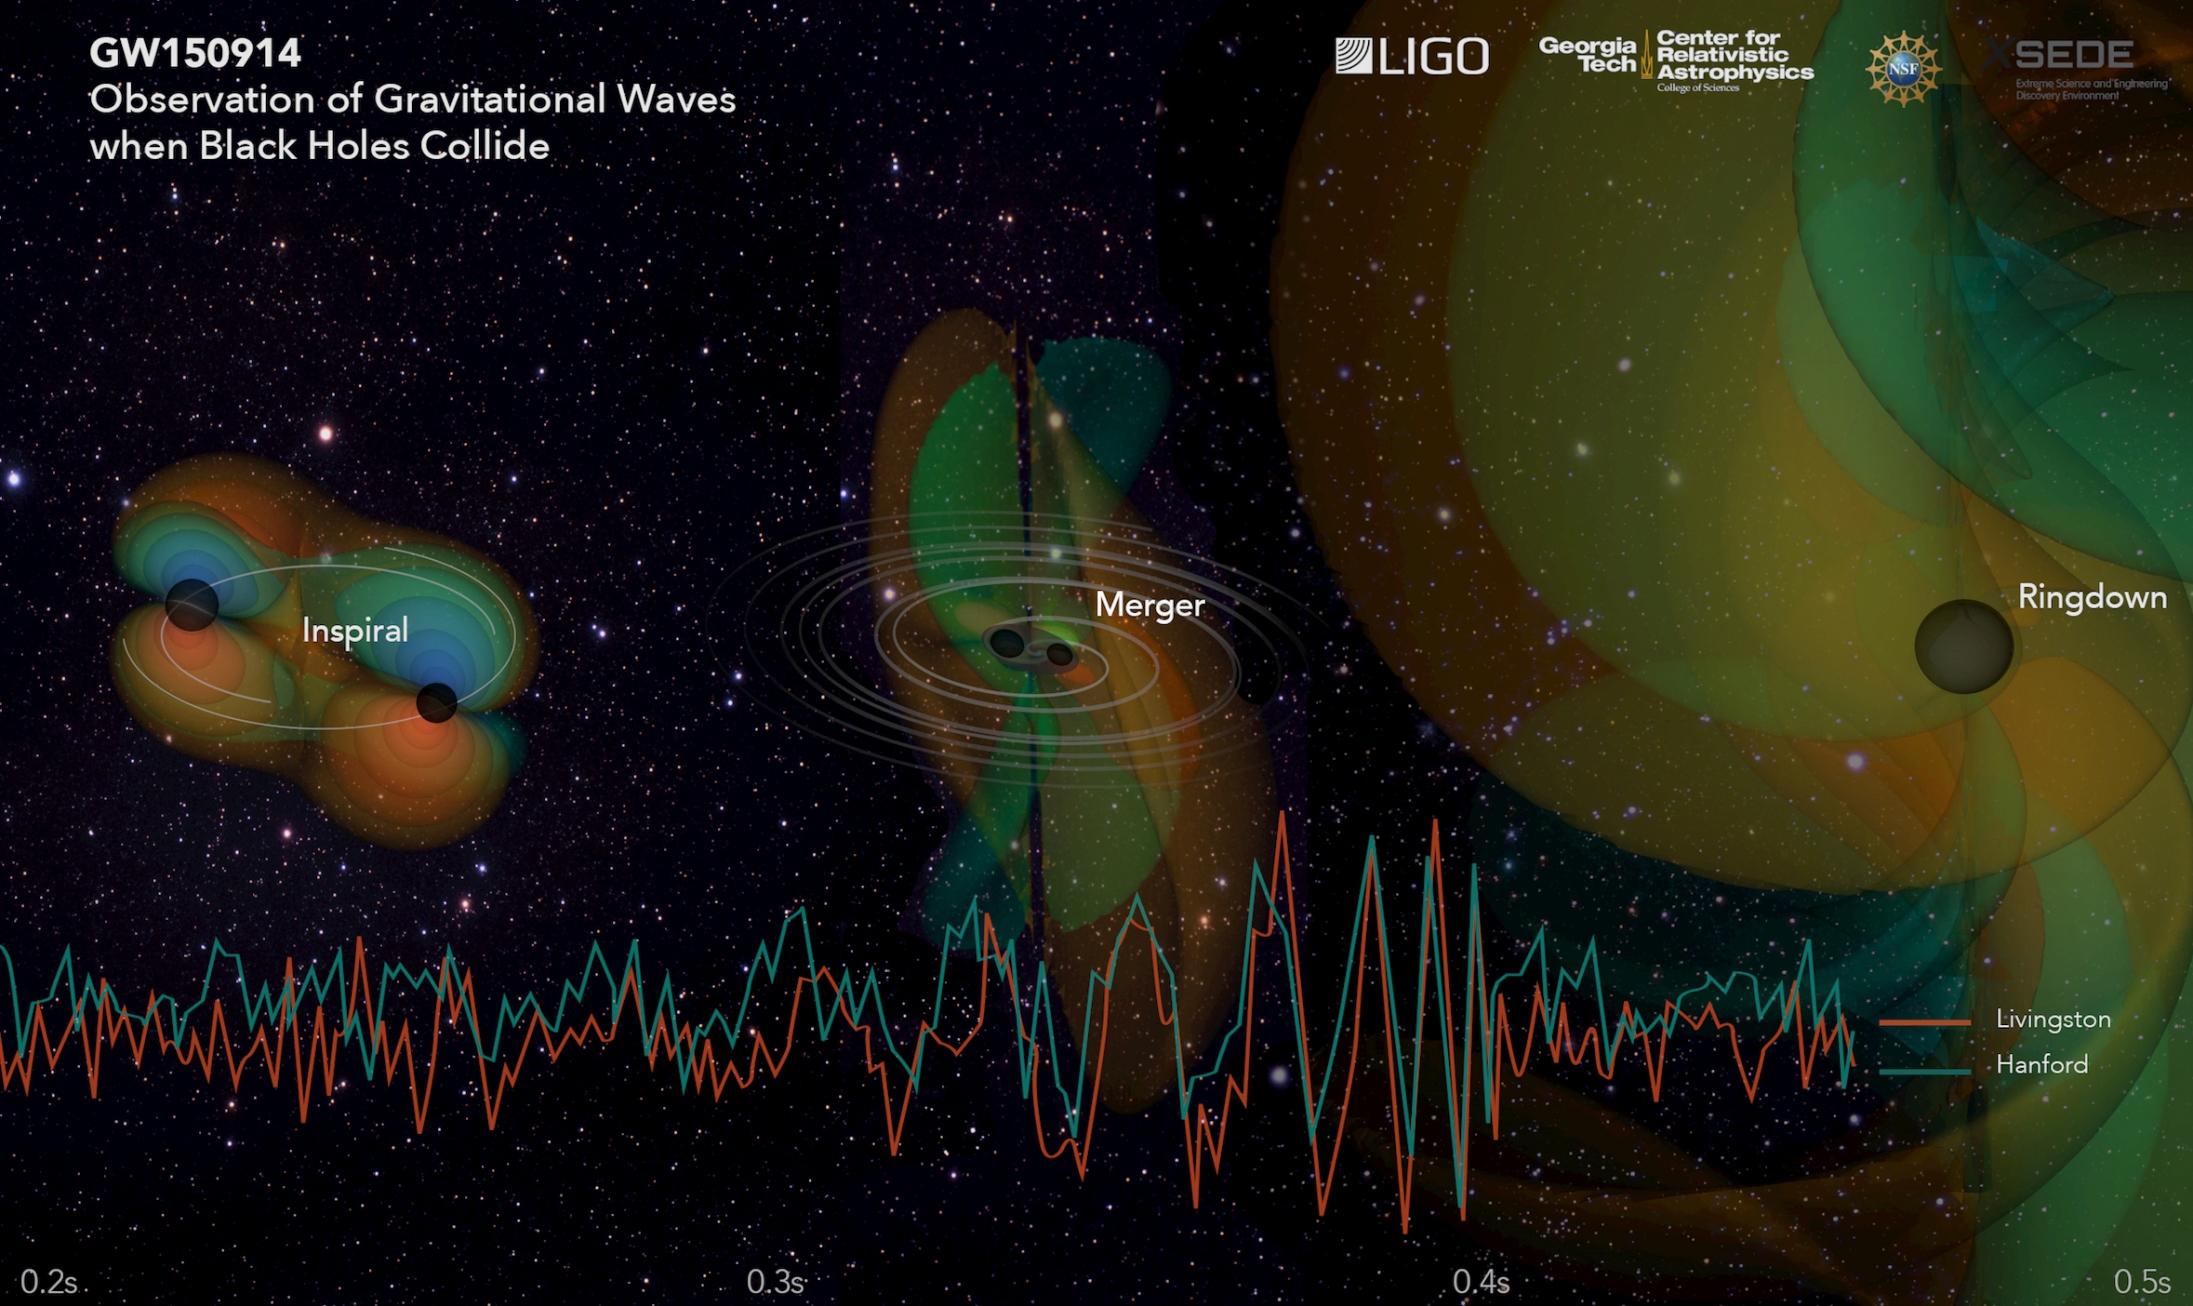 LIGO直接探測到兩個黑洞在合併時所產生的重力波(相片來源:Georgia Tech Vizualizations)